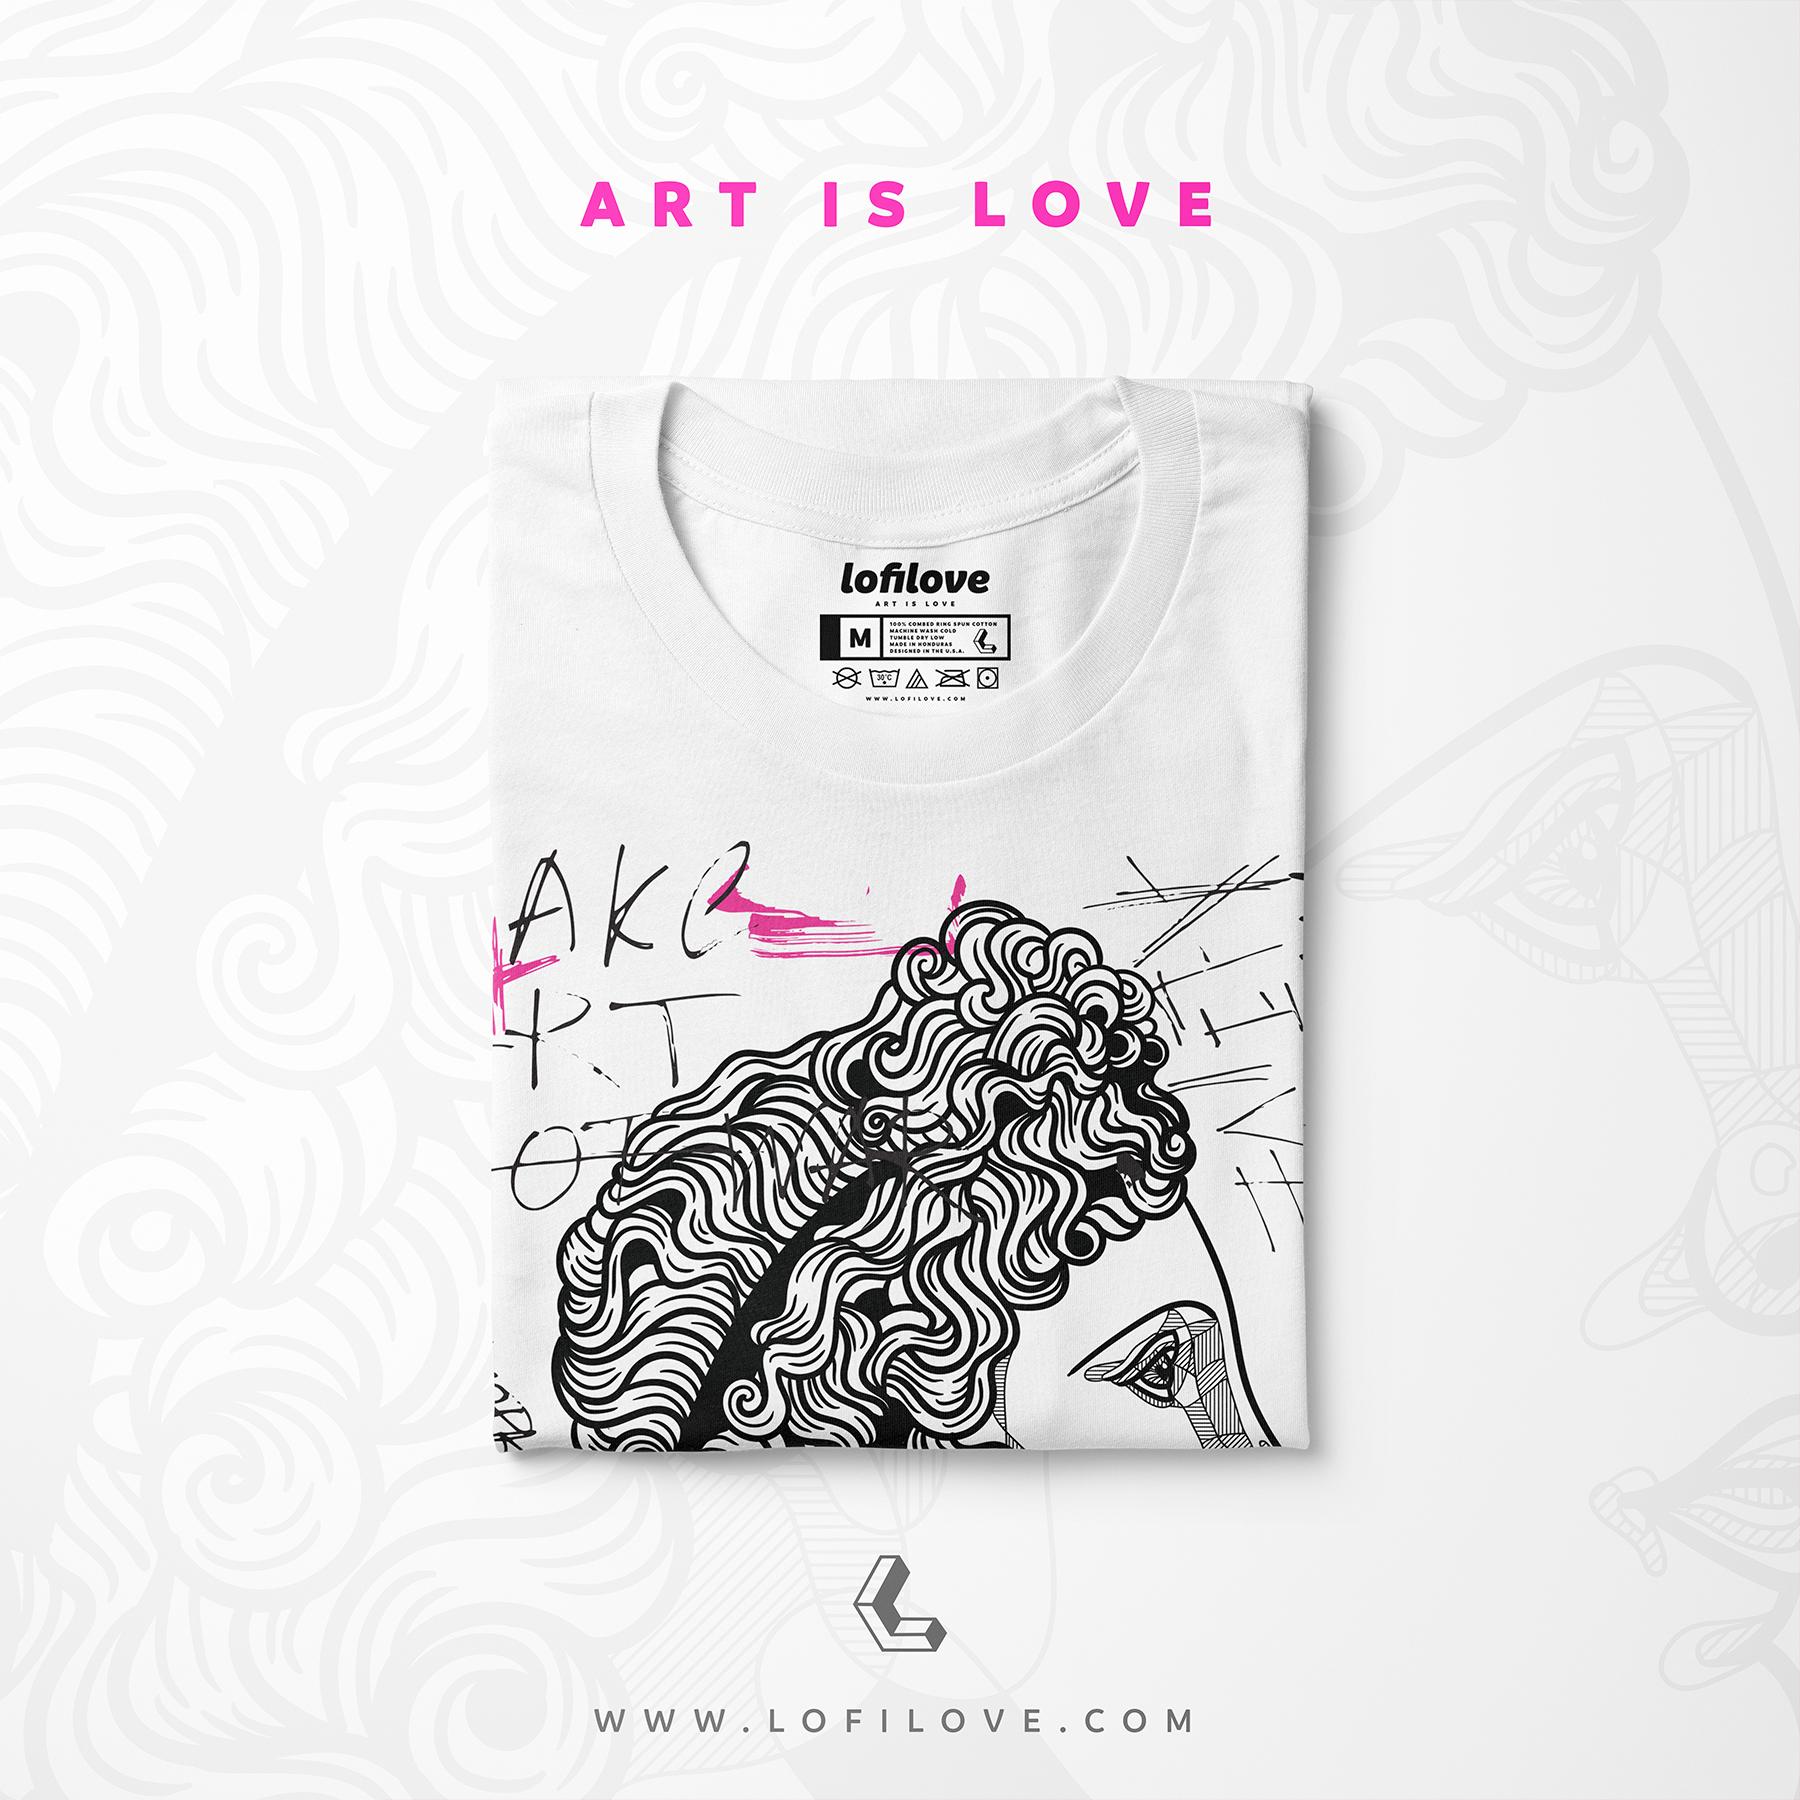 lofilove-art-is-love-tee-2